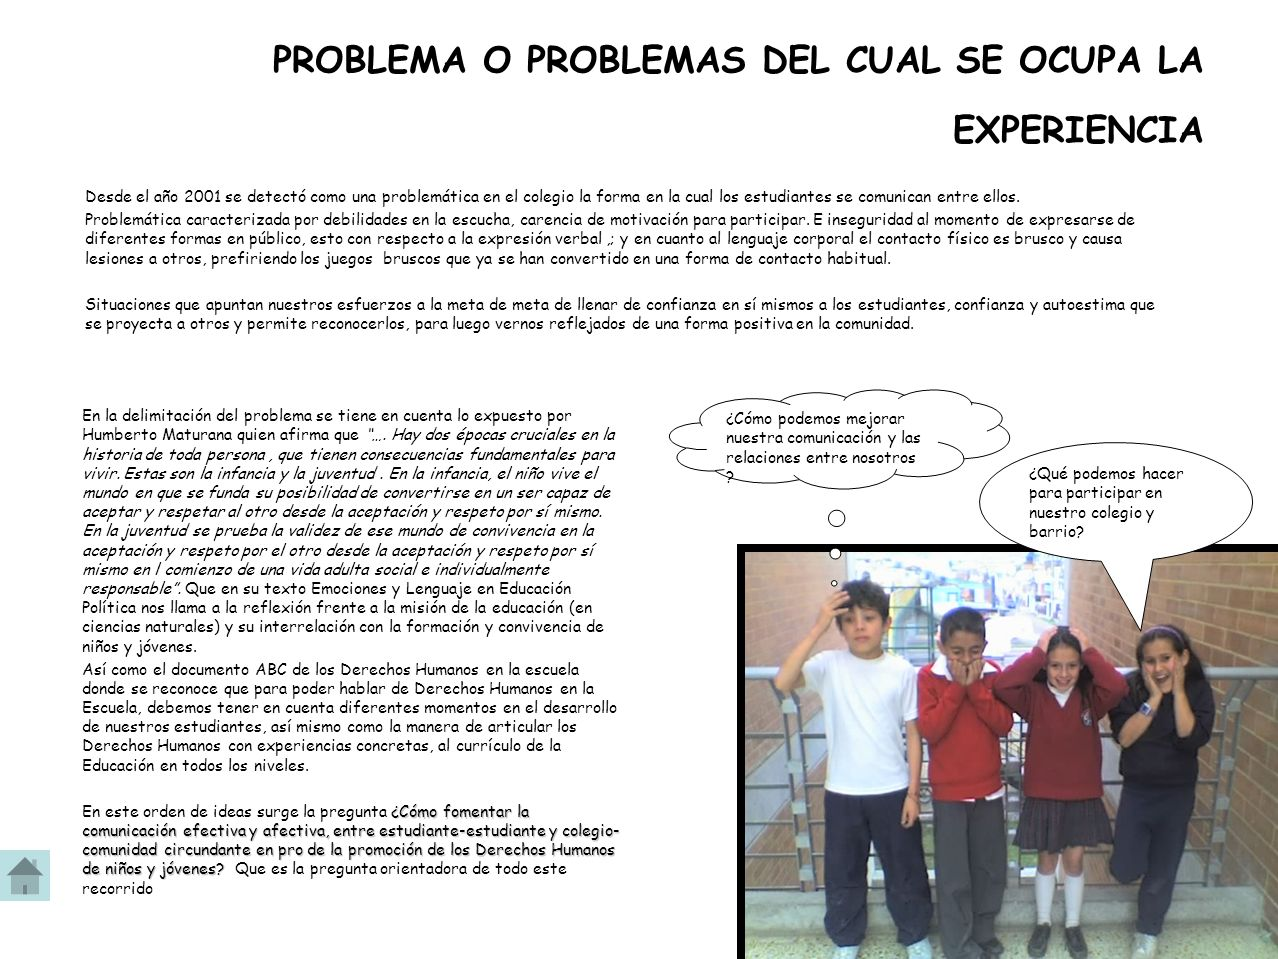 PROBLEMA O PROBLEMAS DEL CUAL SE OCUPA LA EXPERIENCIA